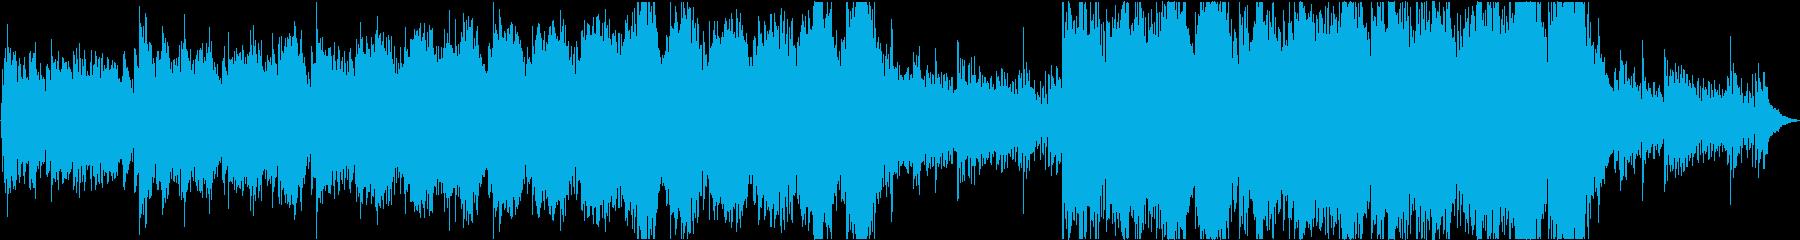 感動的なピアノのメロディー音楽の再生済みの波形